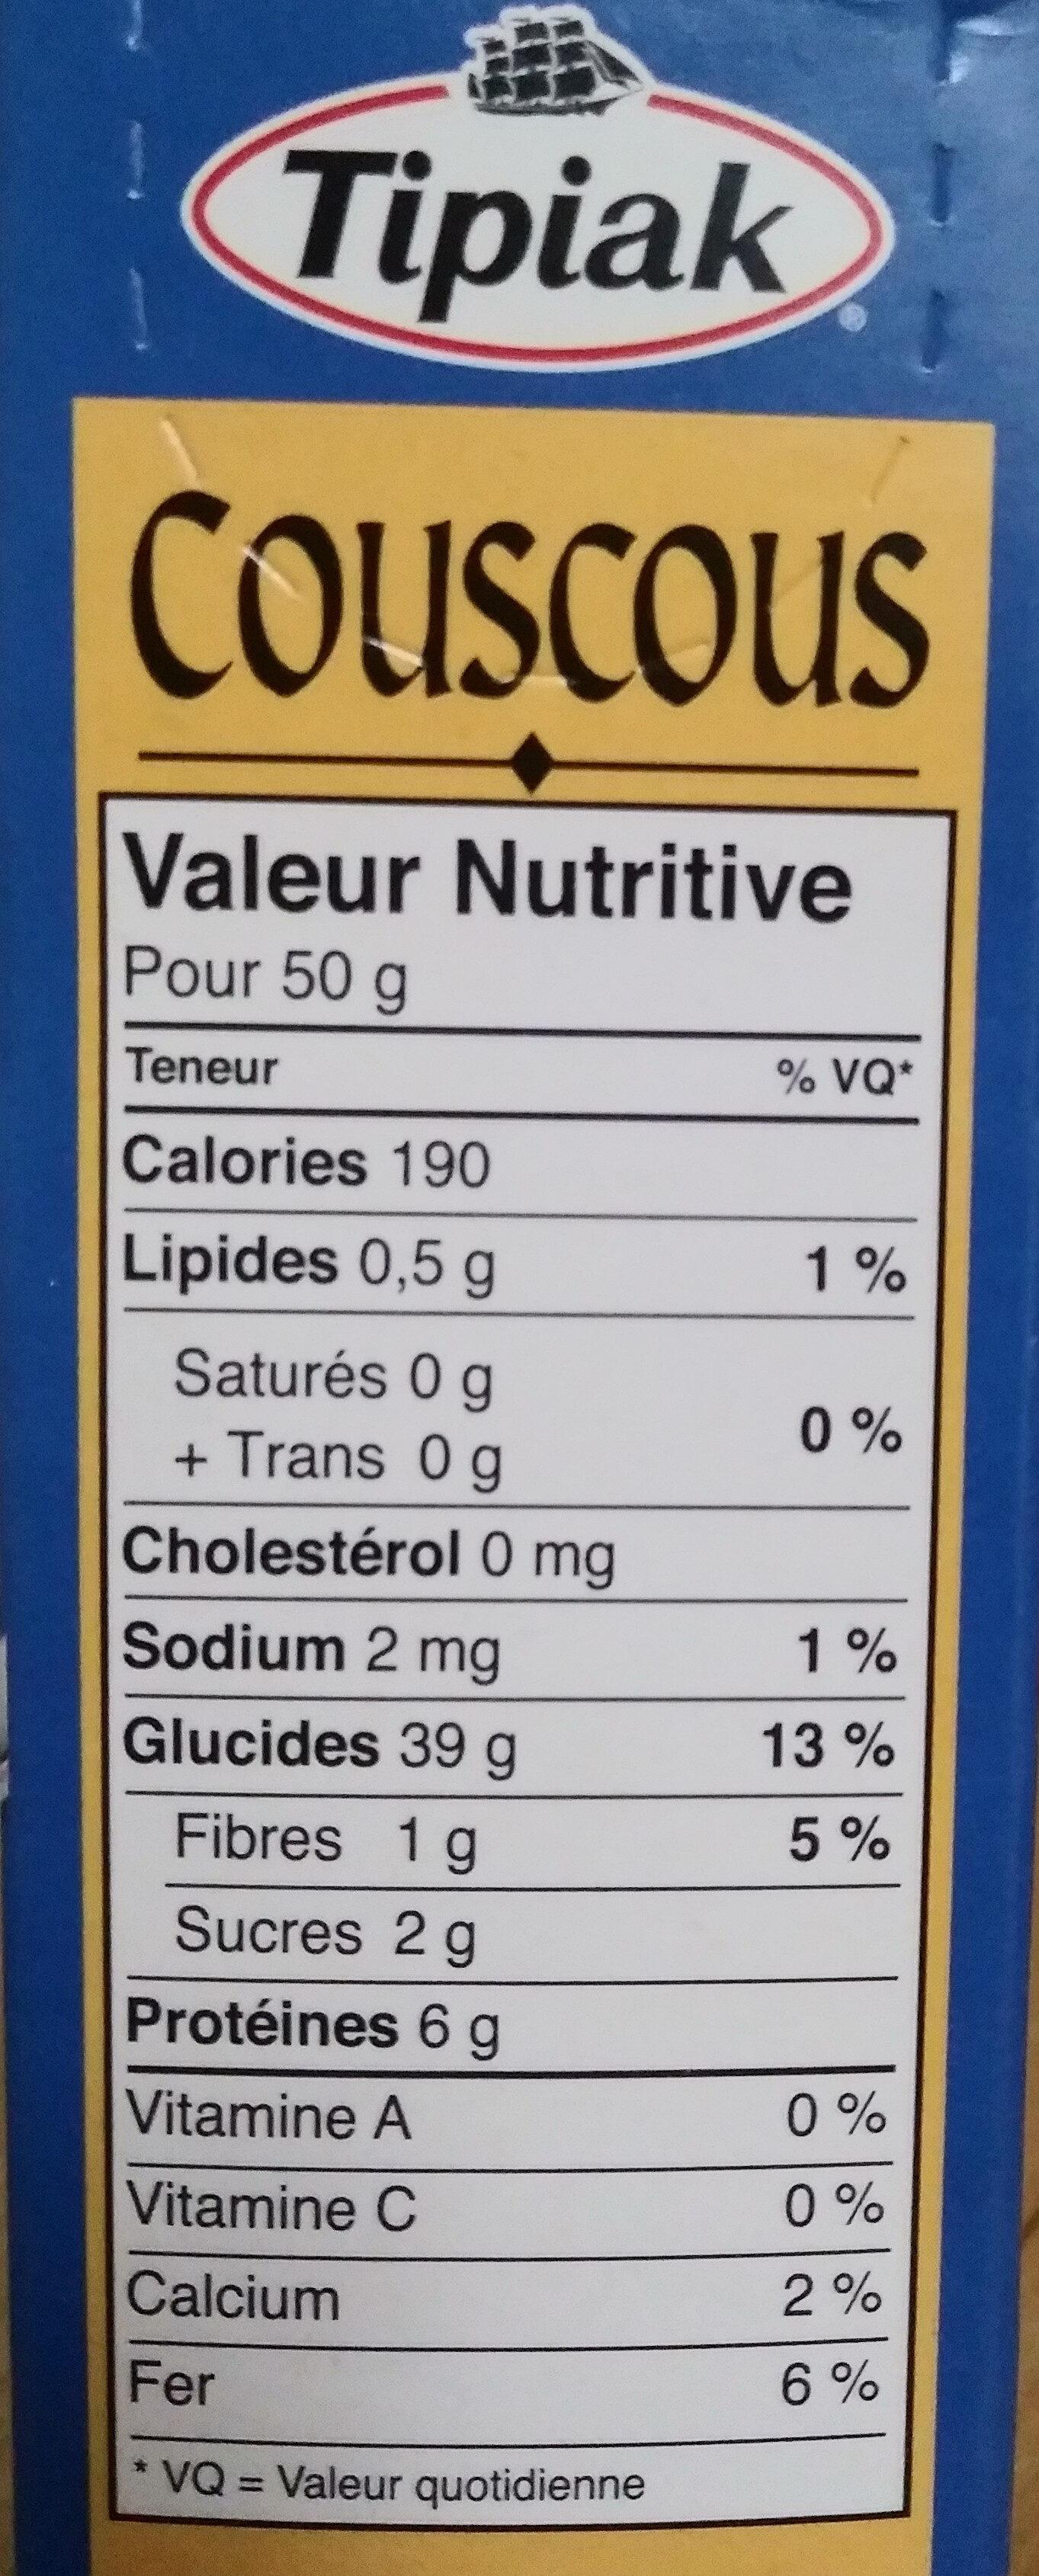 Couscous - Nutrition facts - fr